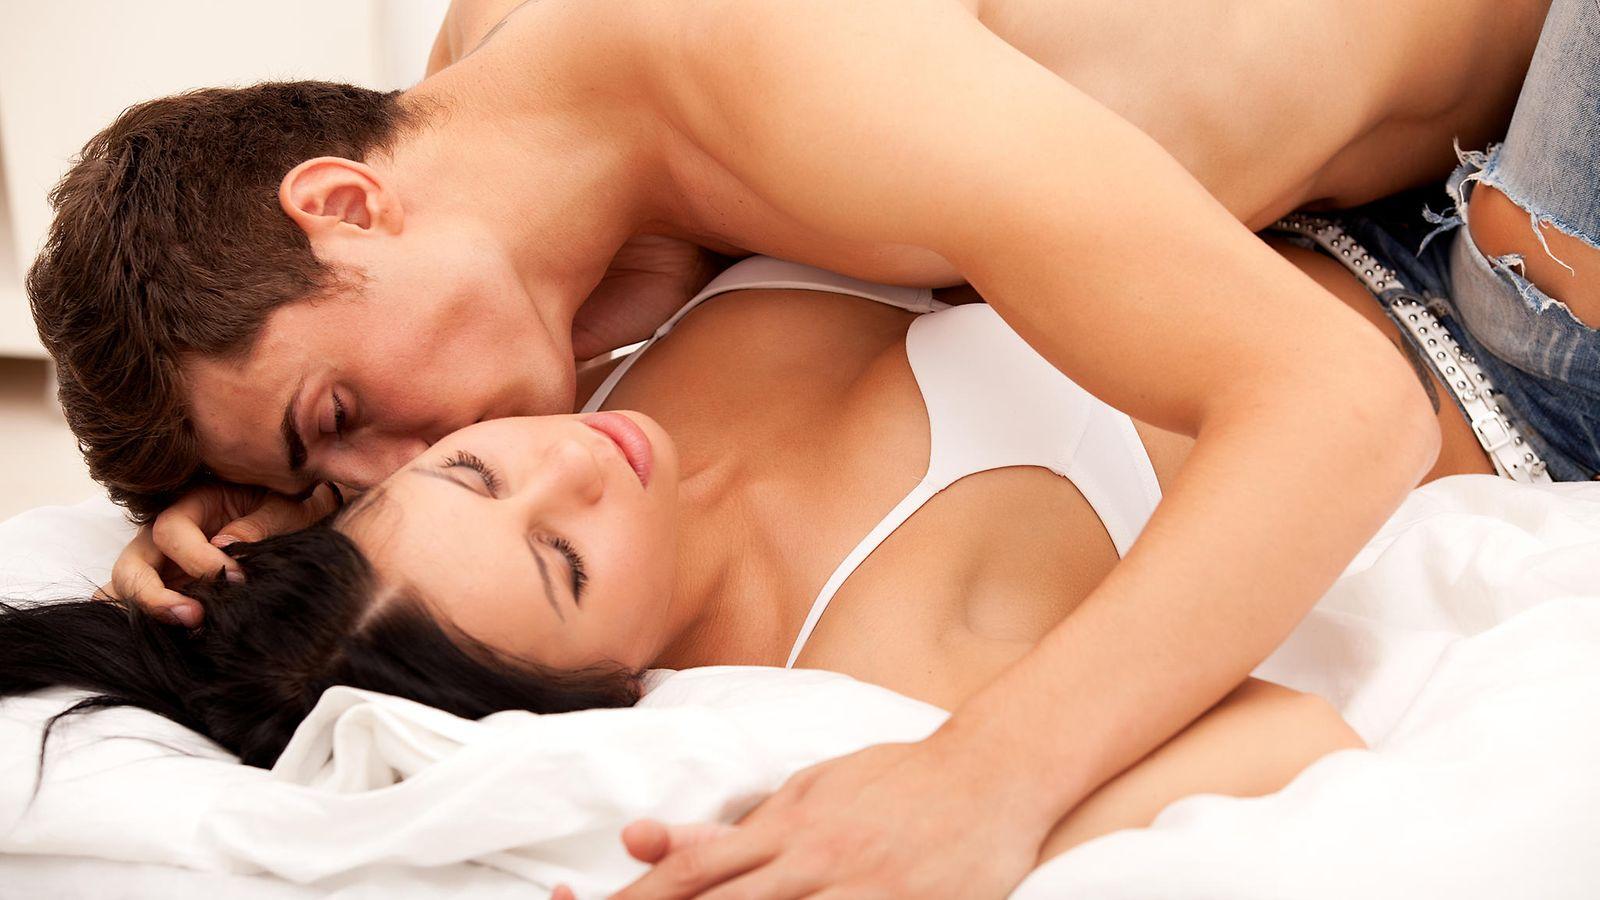 naisen itsetyydytys mies ja nainen sängyssä